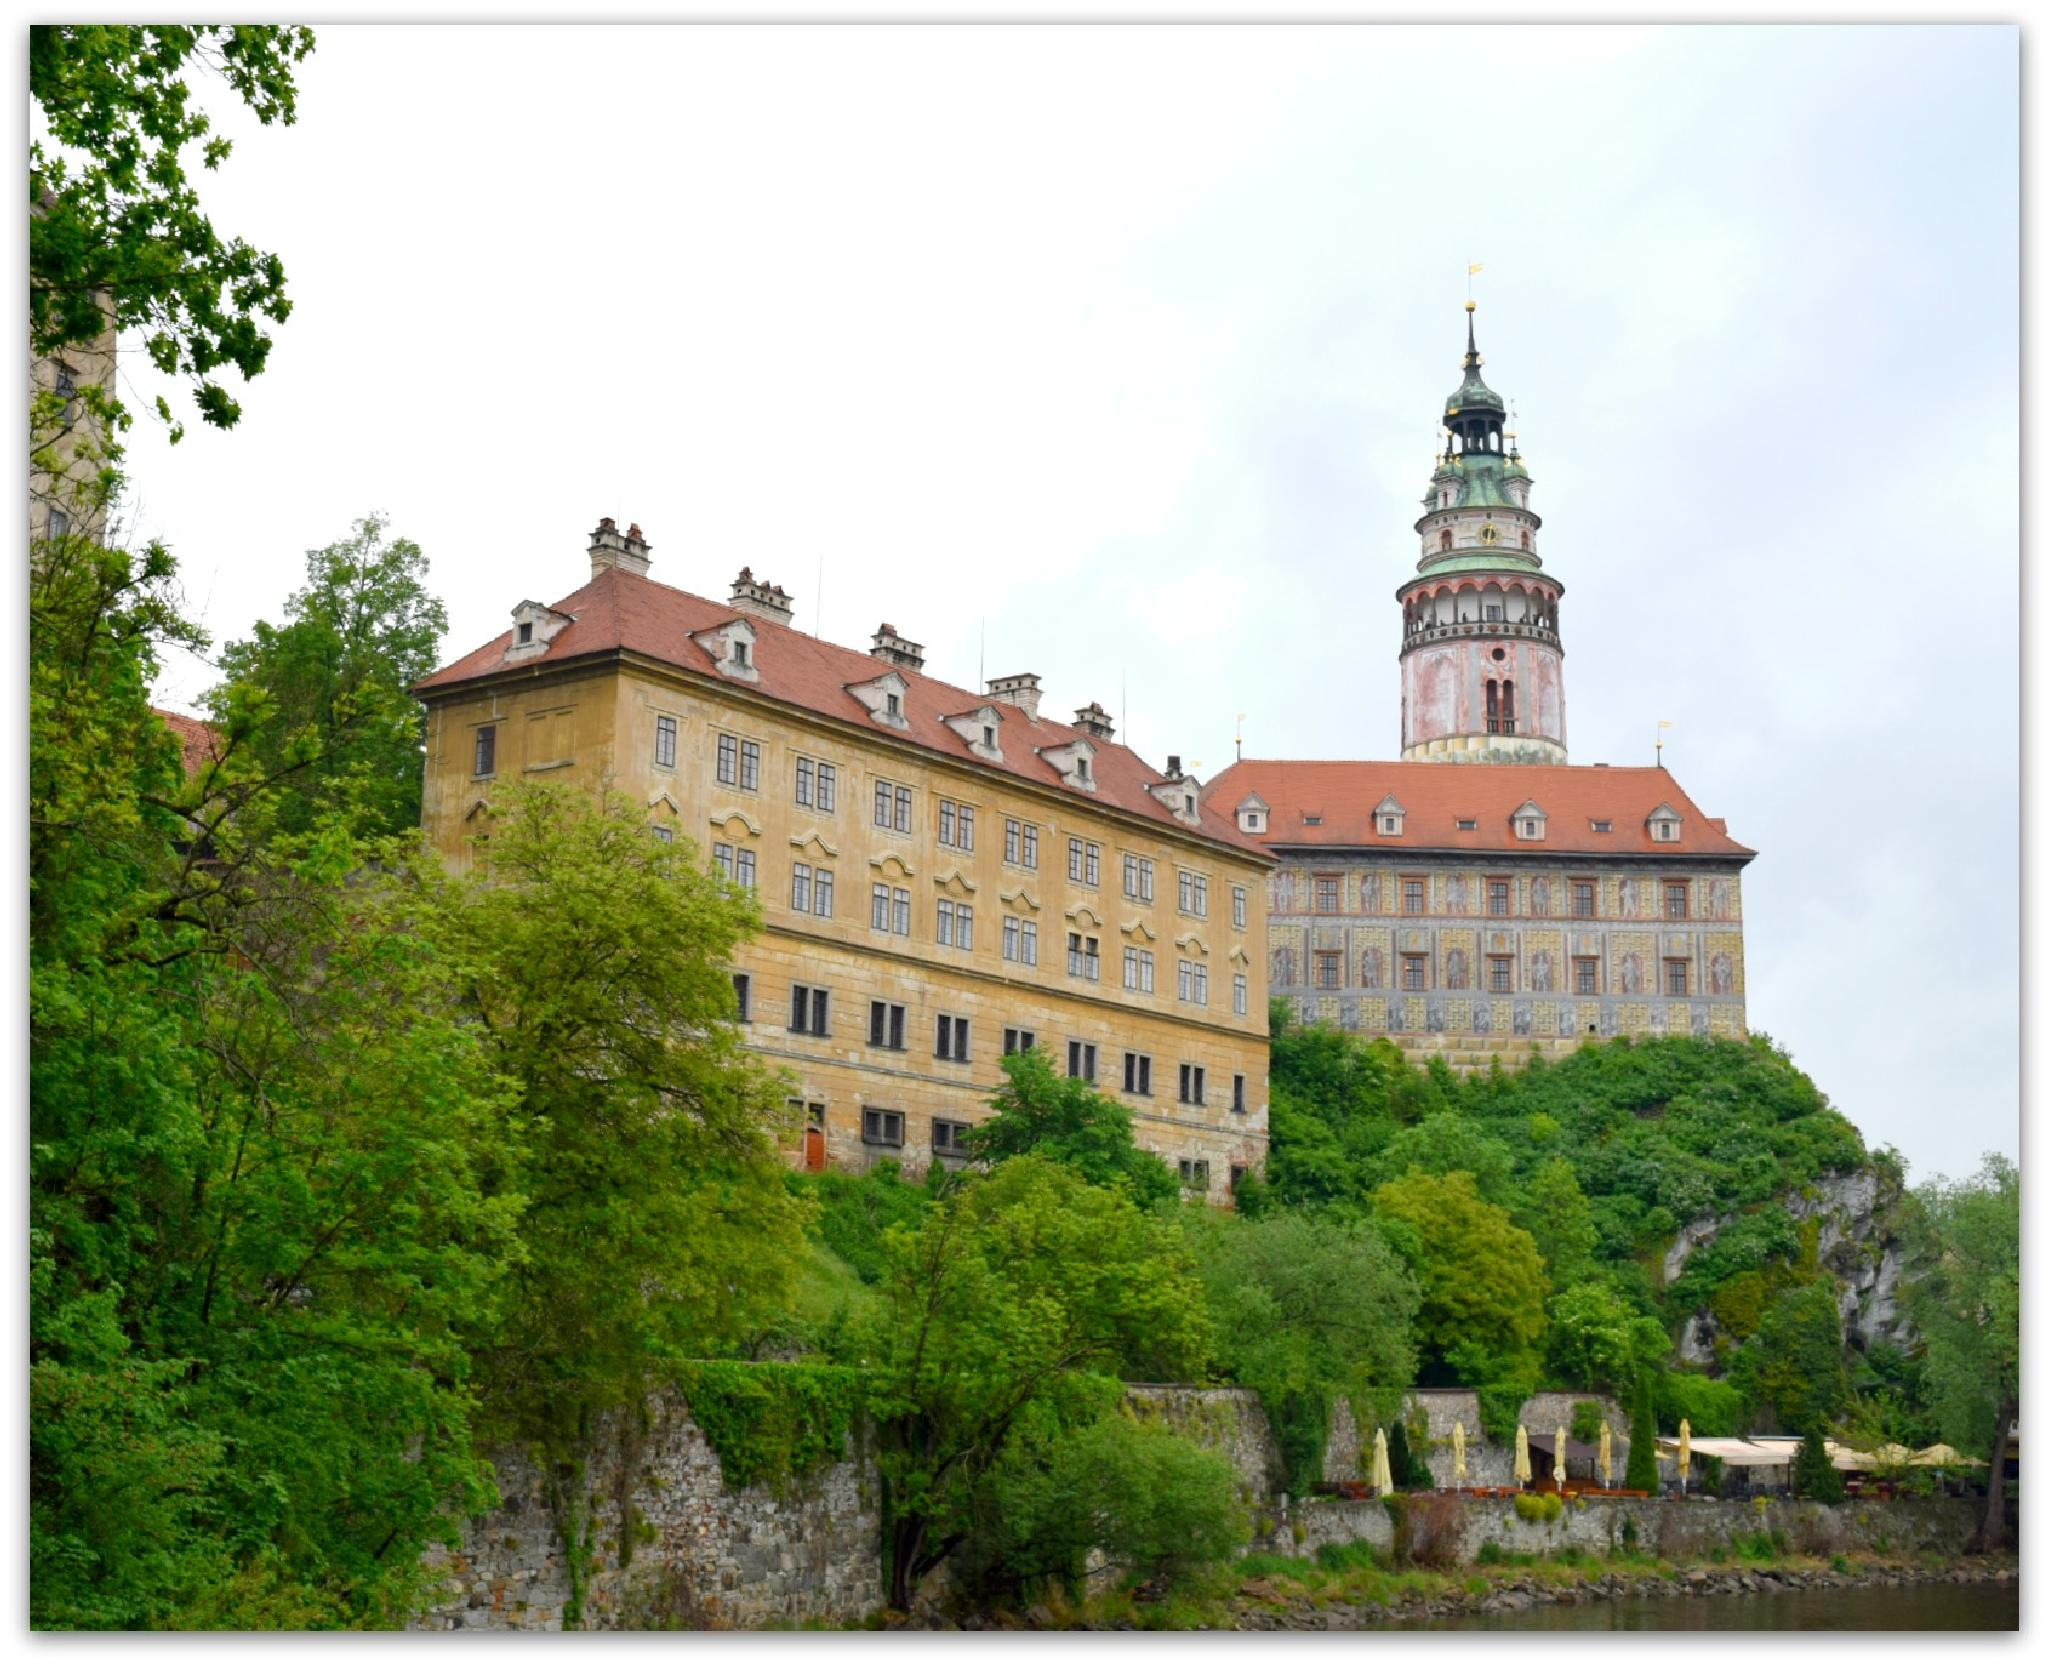 Chesky Krumlov castle by maria.telegdy